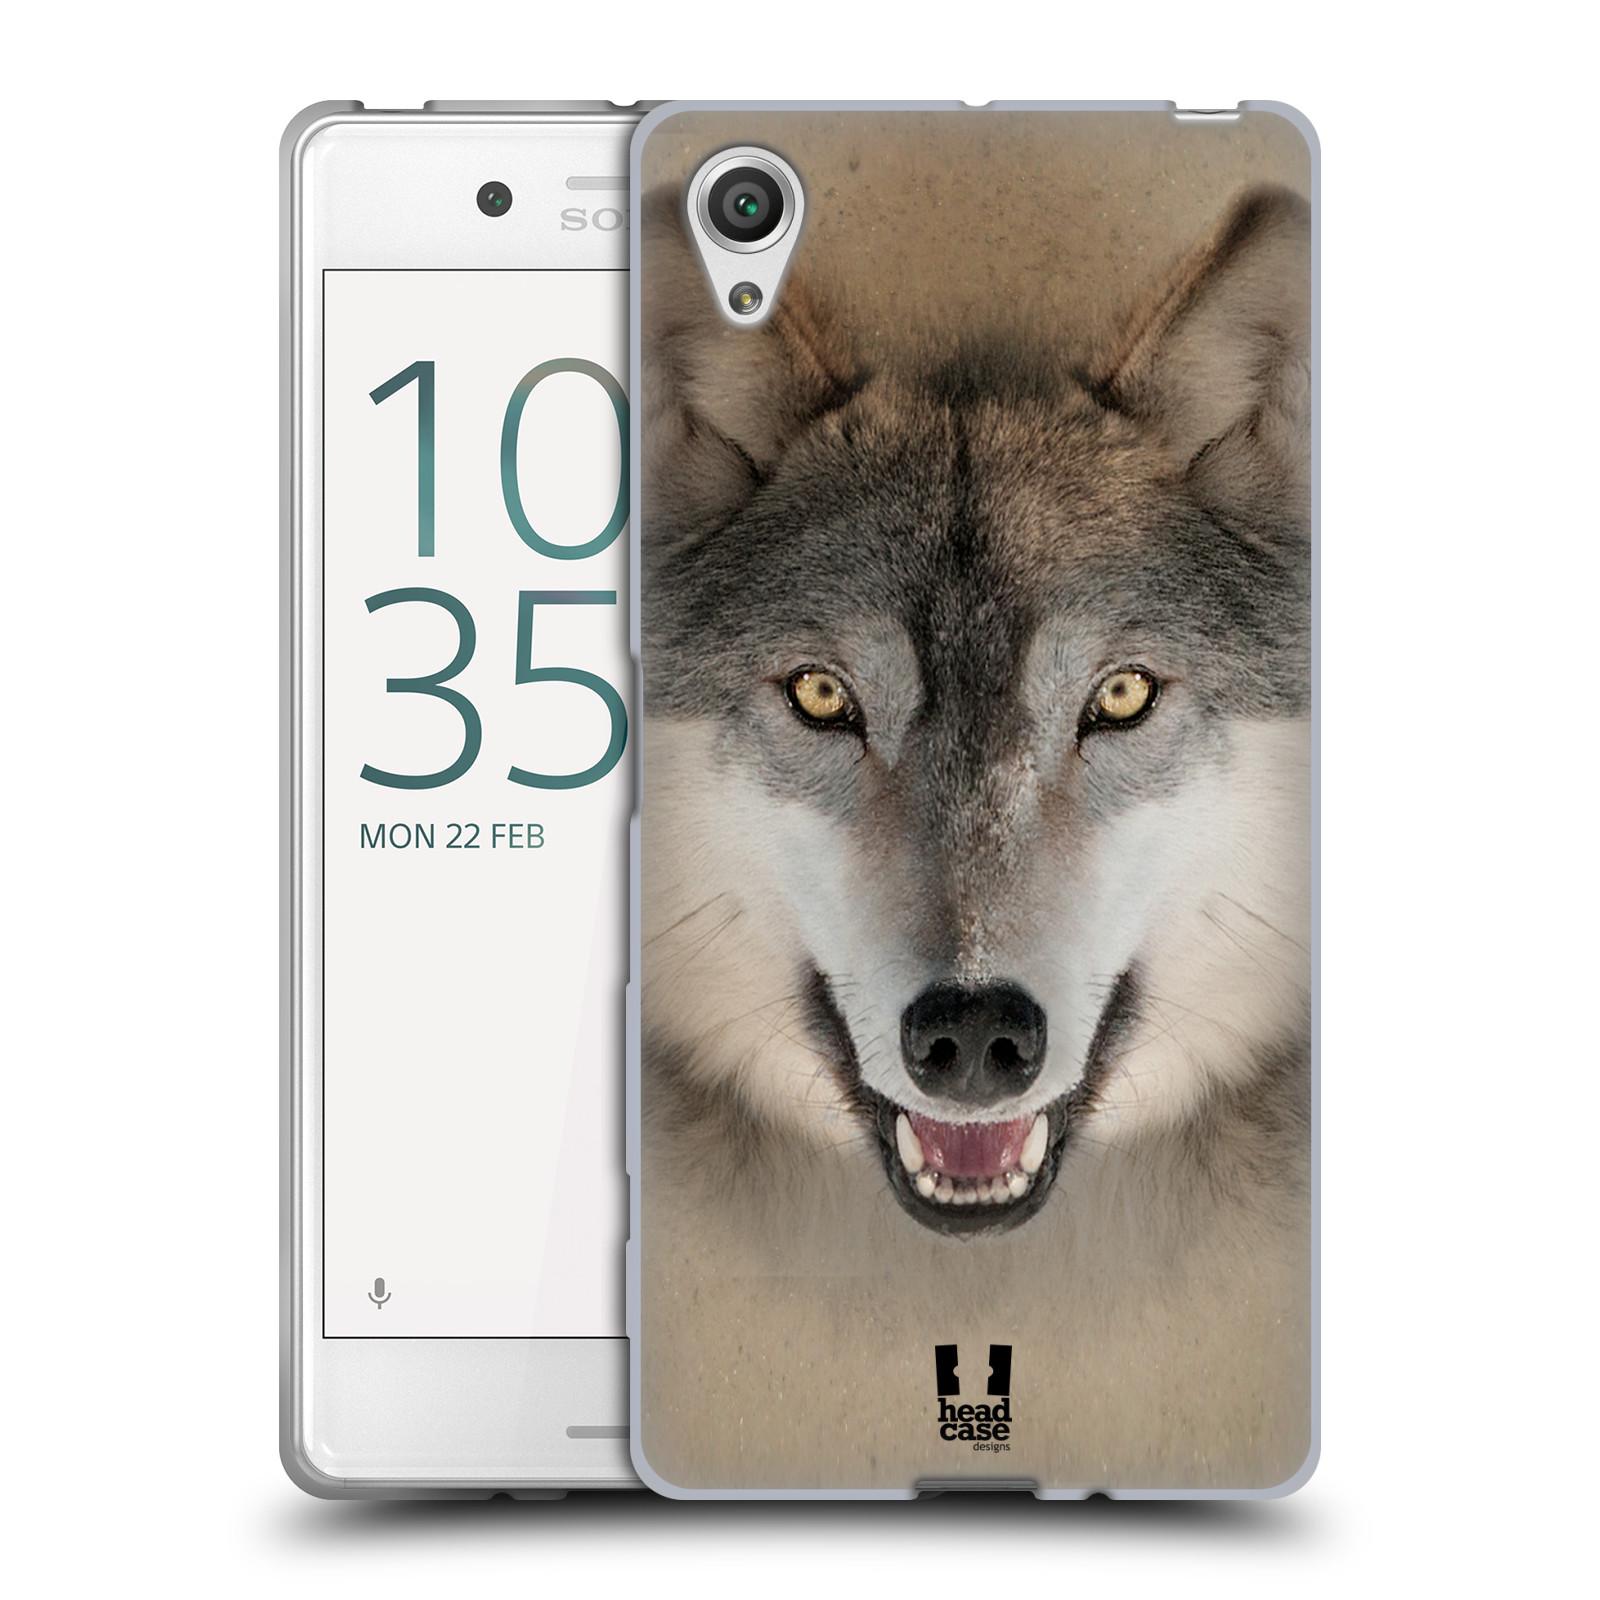 HEAD CASE silikonový obal na mobil Sony Xperia X / X DUAL vzor Zvířecí tváře 2 vlk šedý